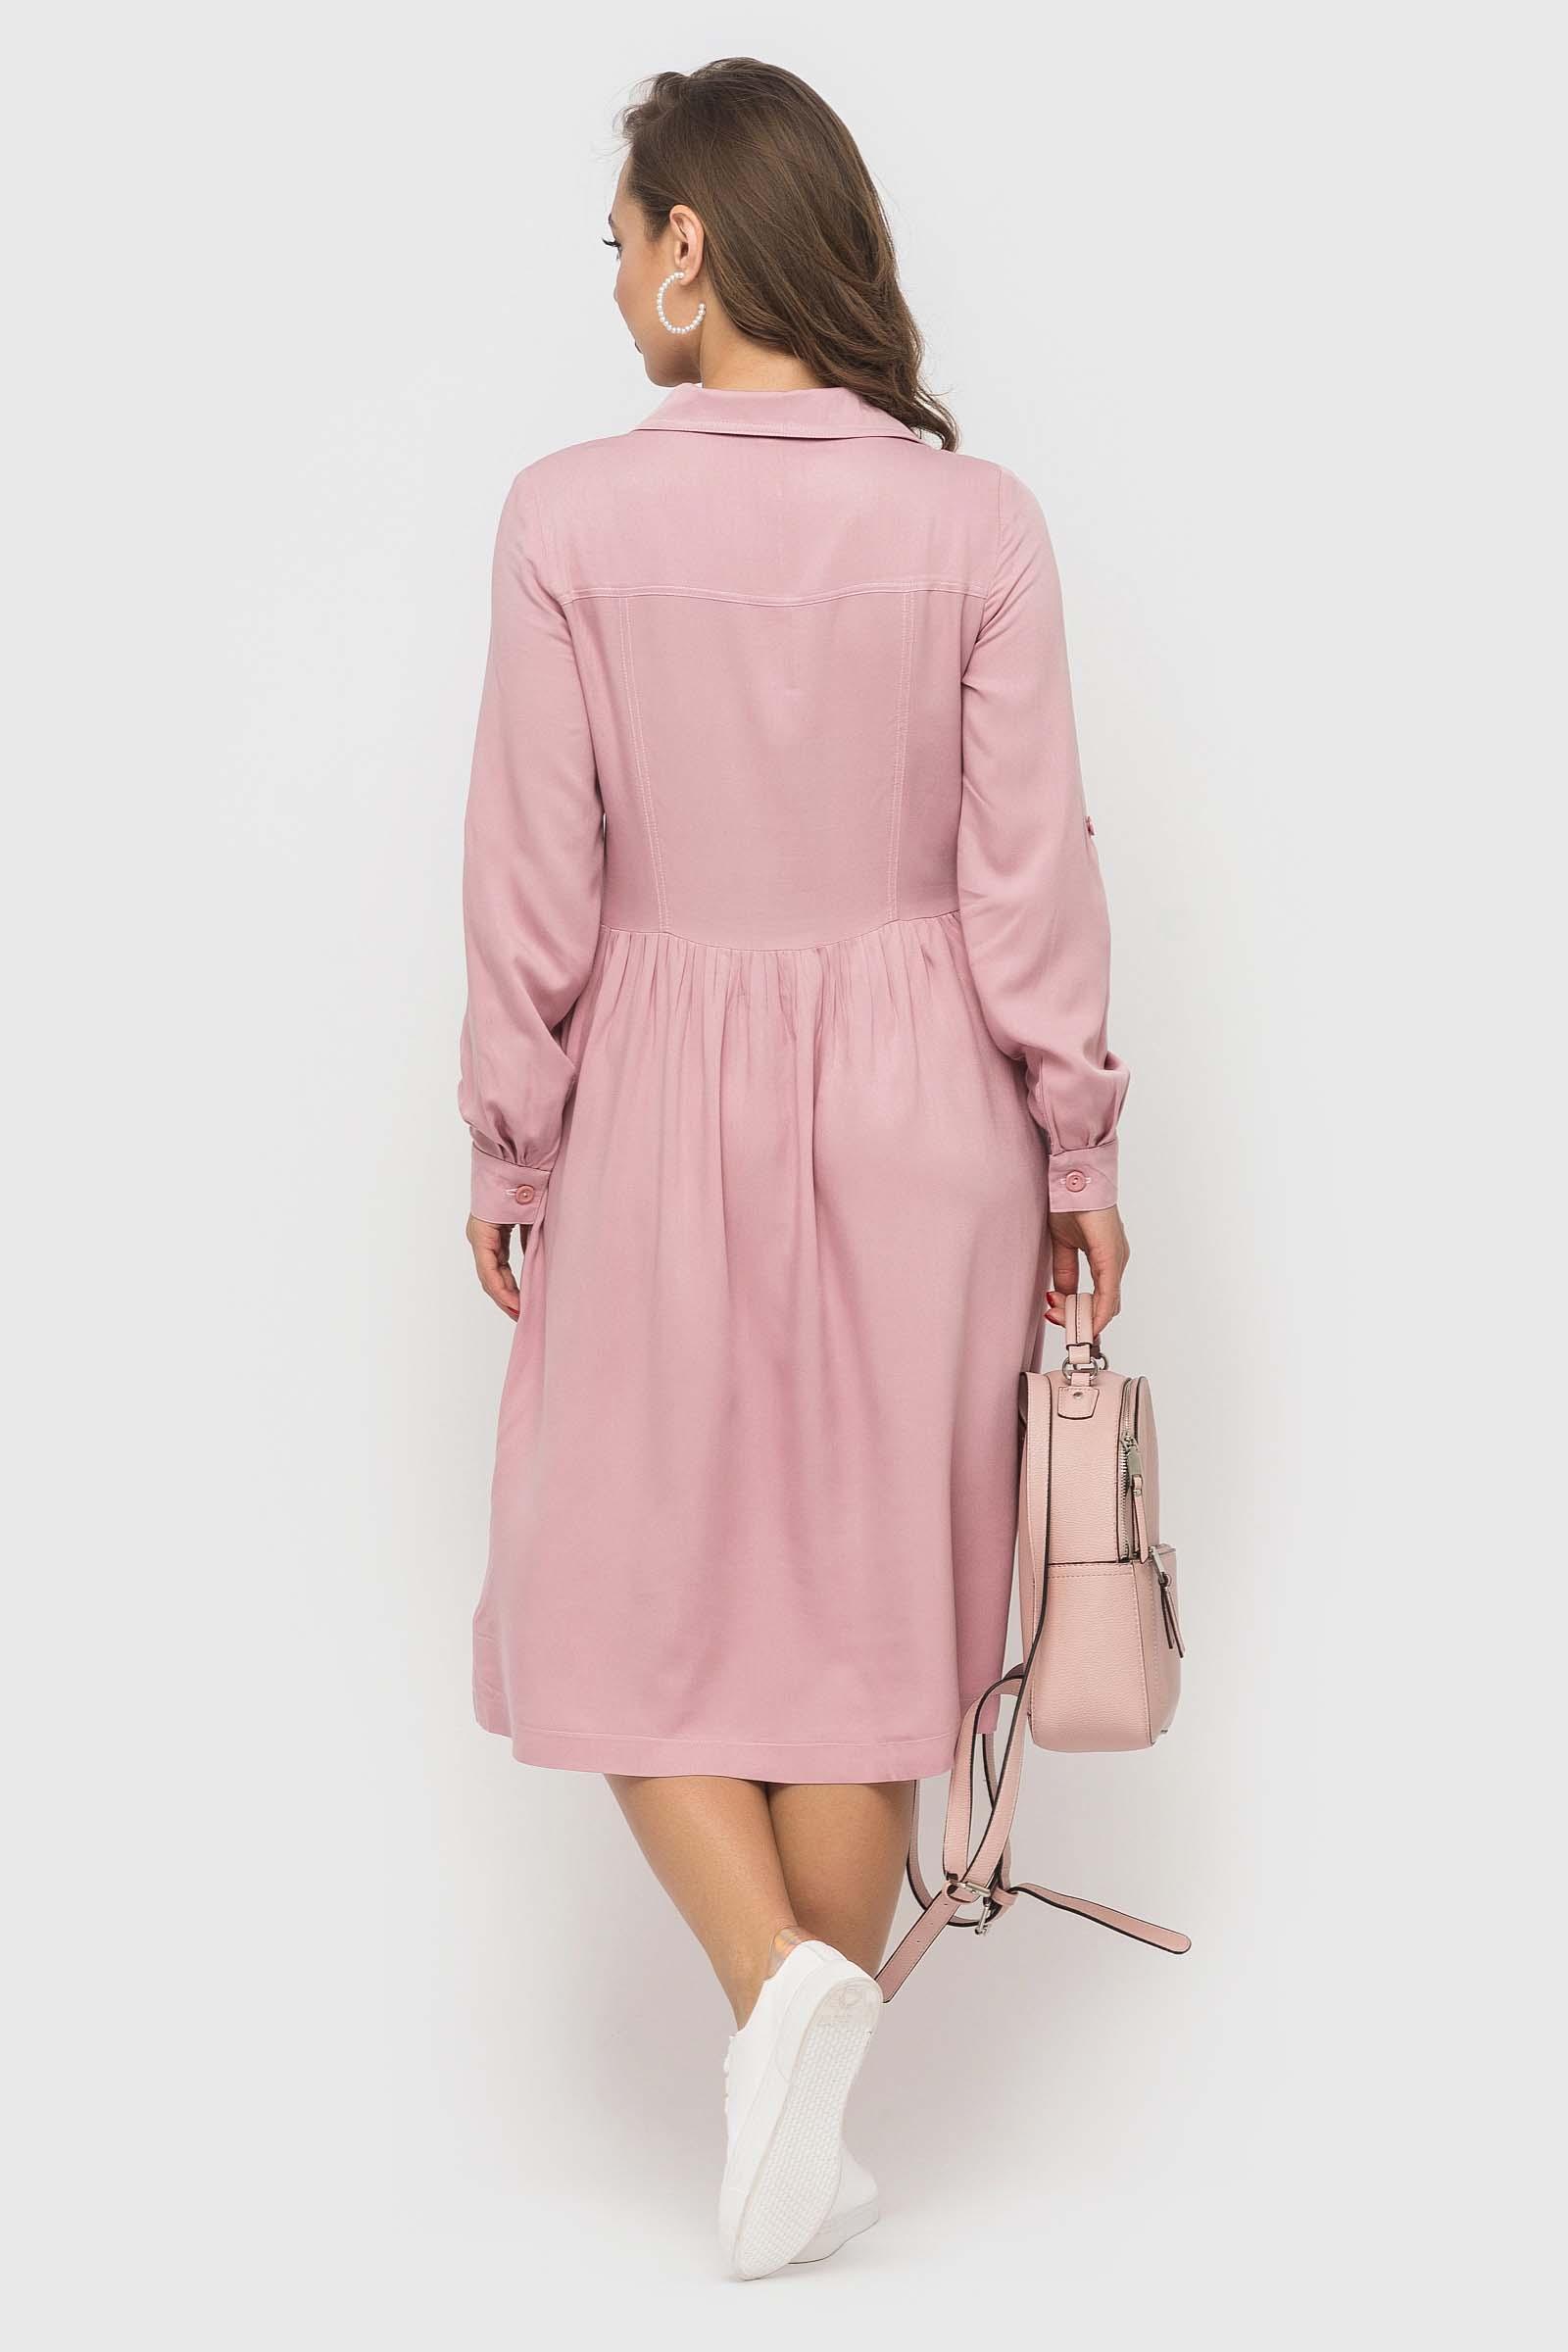 be art 2020 04 07182029 Купить платье